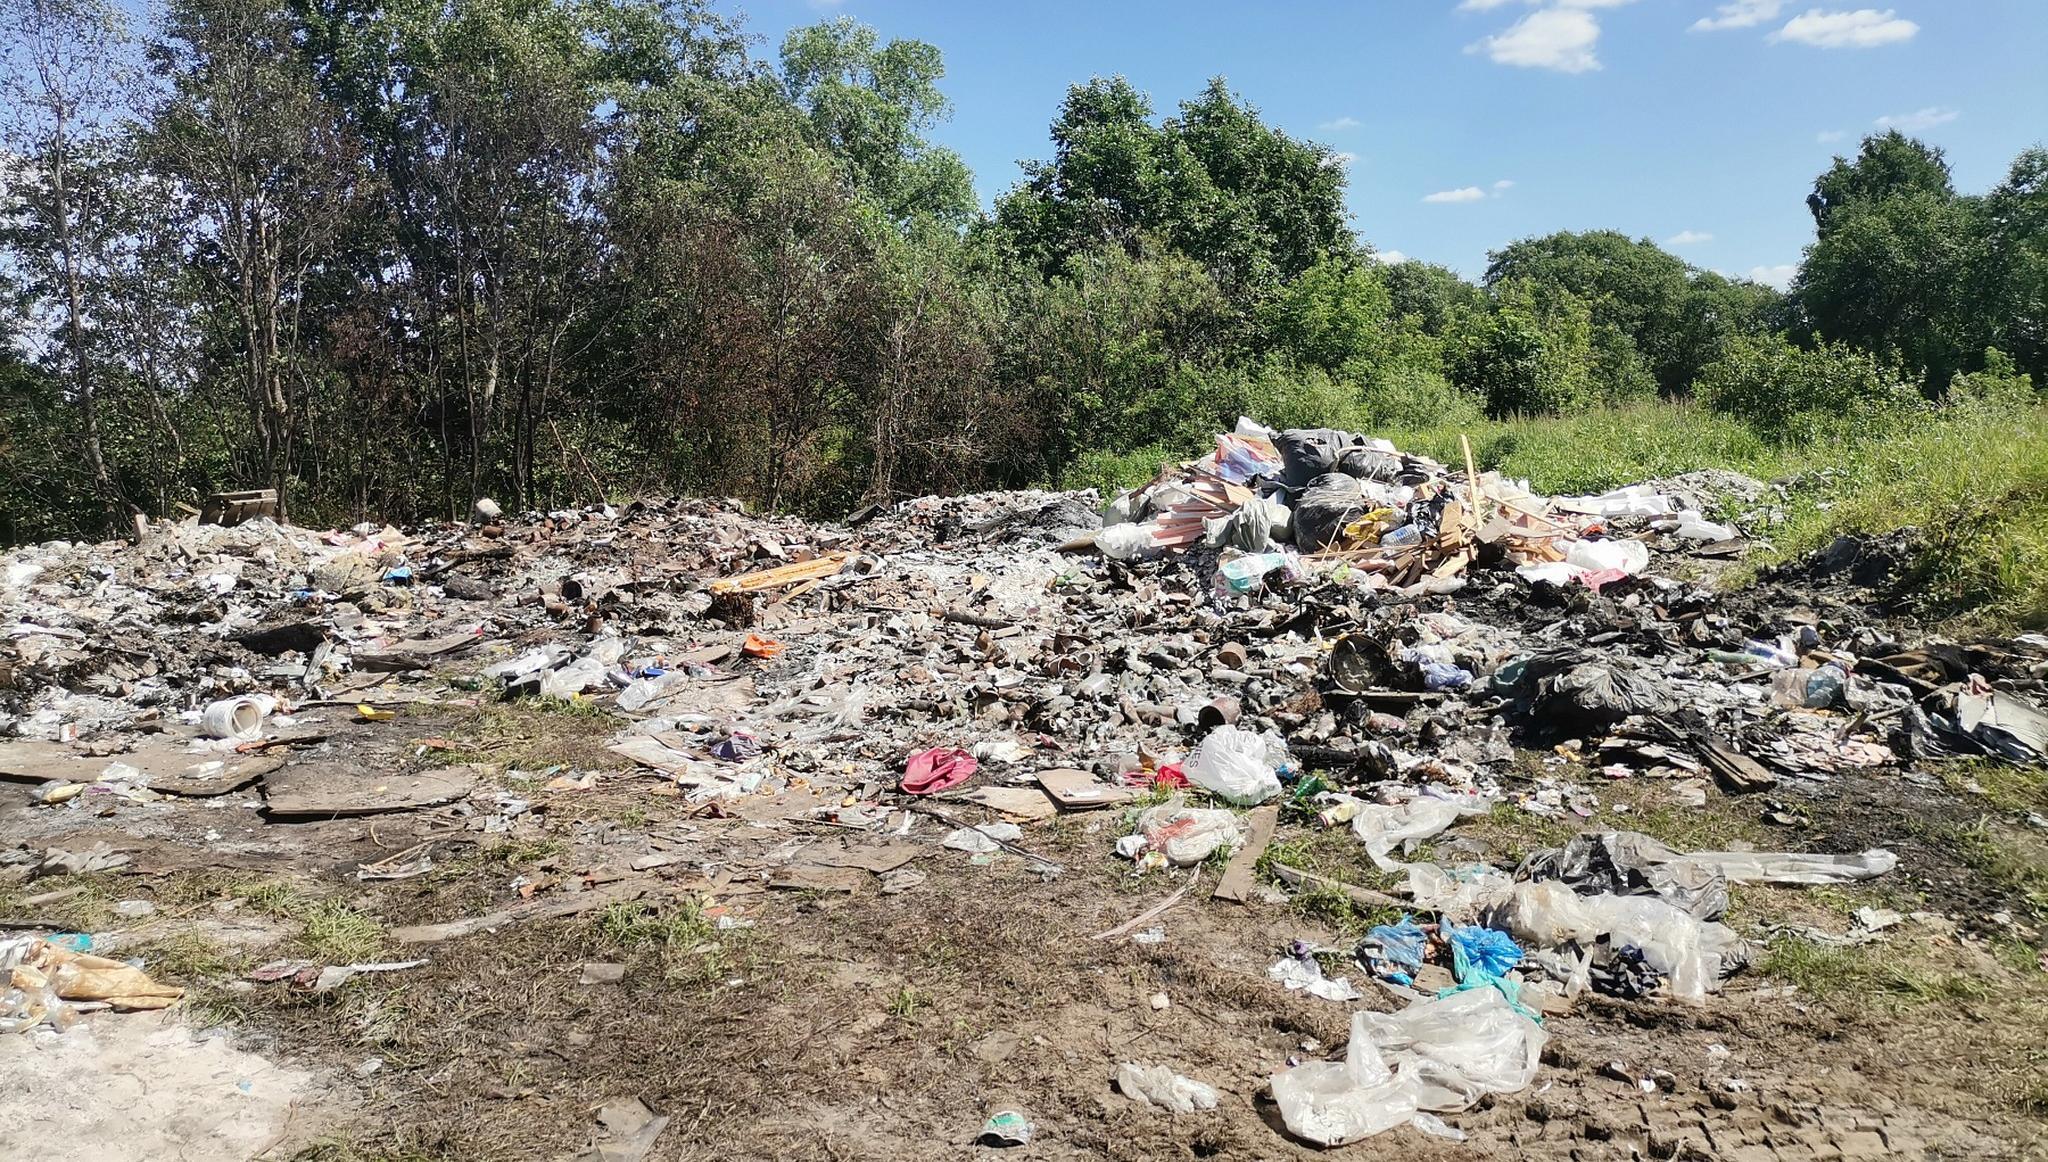 Под Тверью ликвидировали несанкционированную свалку у леса - новости Афанасий